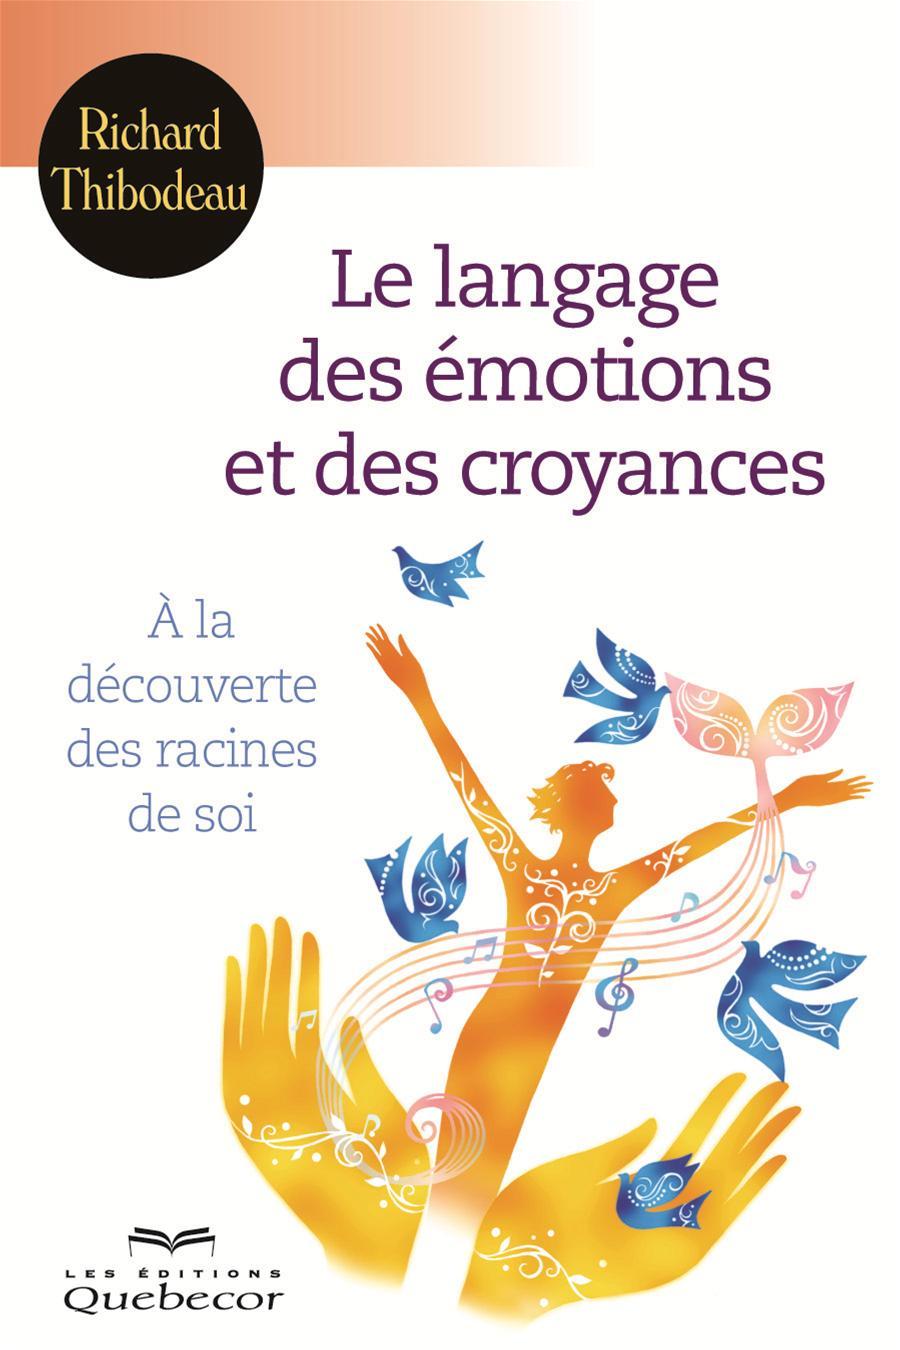 Le langage des émotions et des croyances